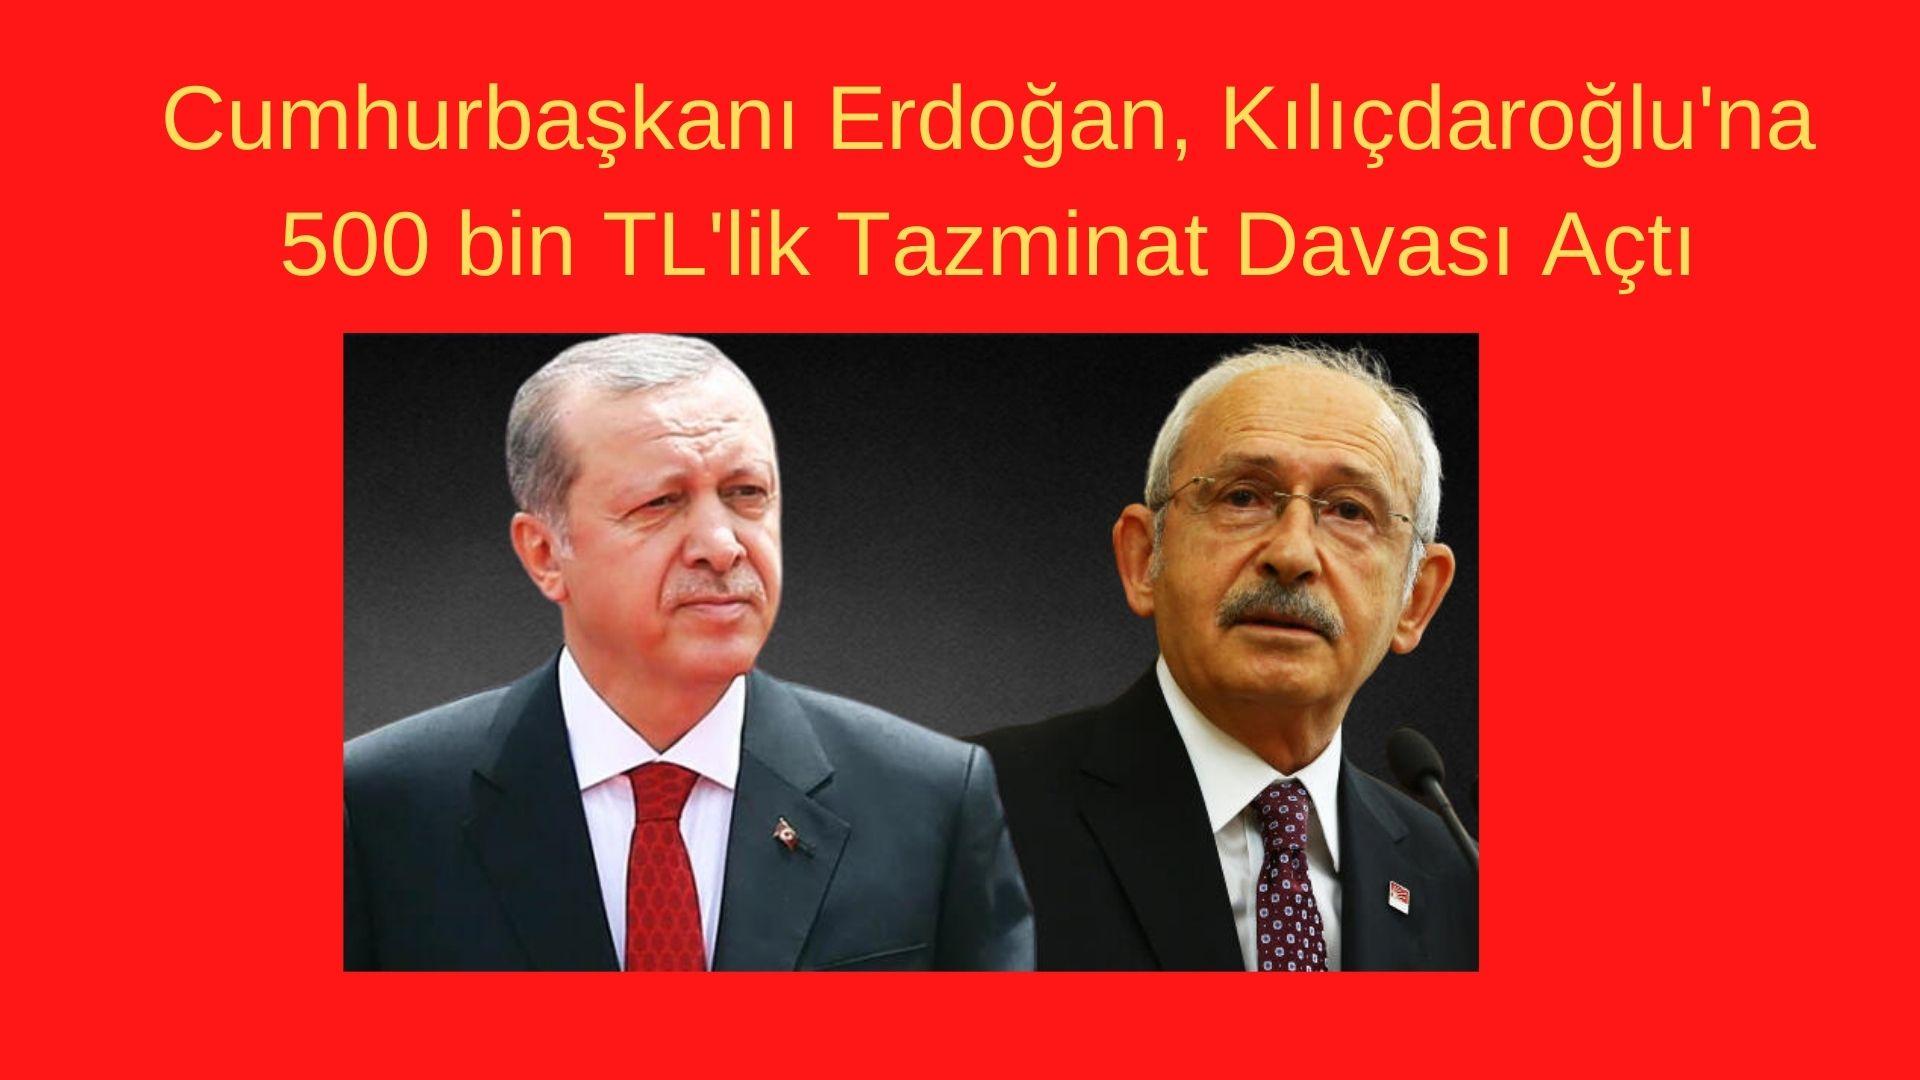 Cumhurbaşkanı Erdoğan, Kılıçdaroğlu'na 500 bin TL'lik Tazminat Davası Açtı